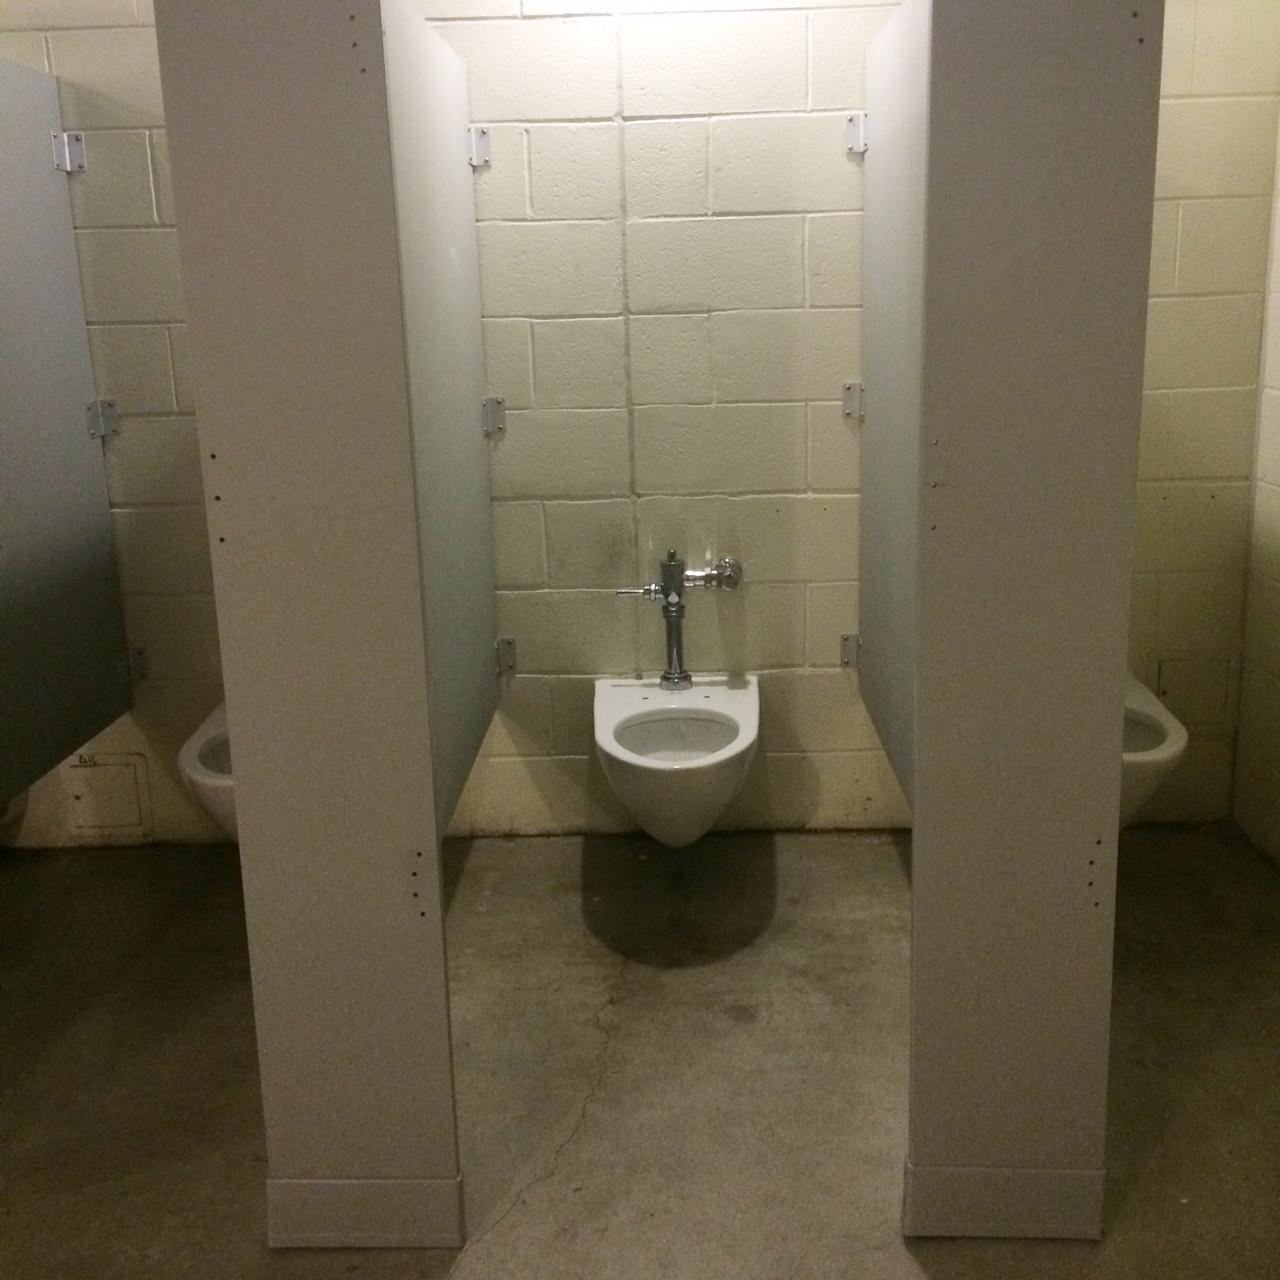 No Doors Seats Toilet Paper